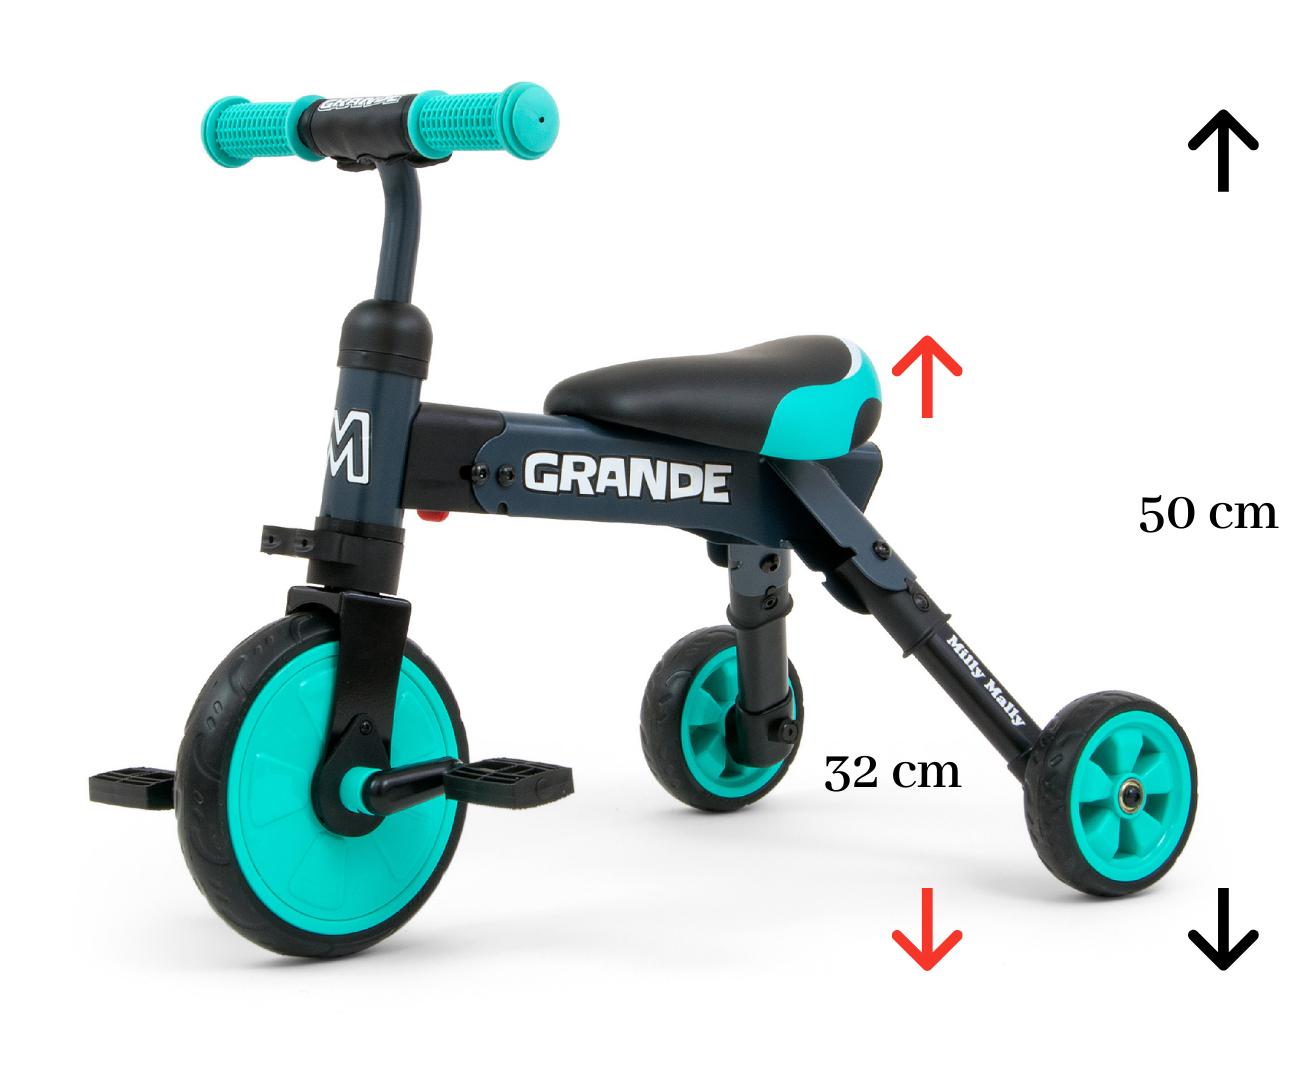 Milly Mally pealeistutav sõiduk – Bike kaks ühes GRANDE Mint